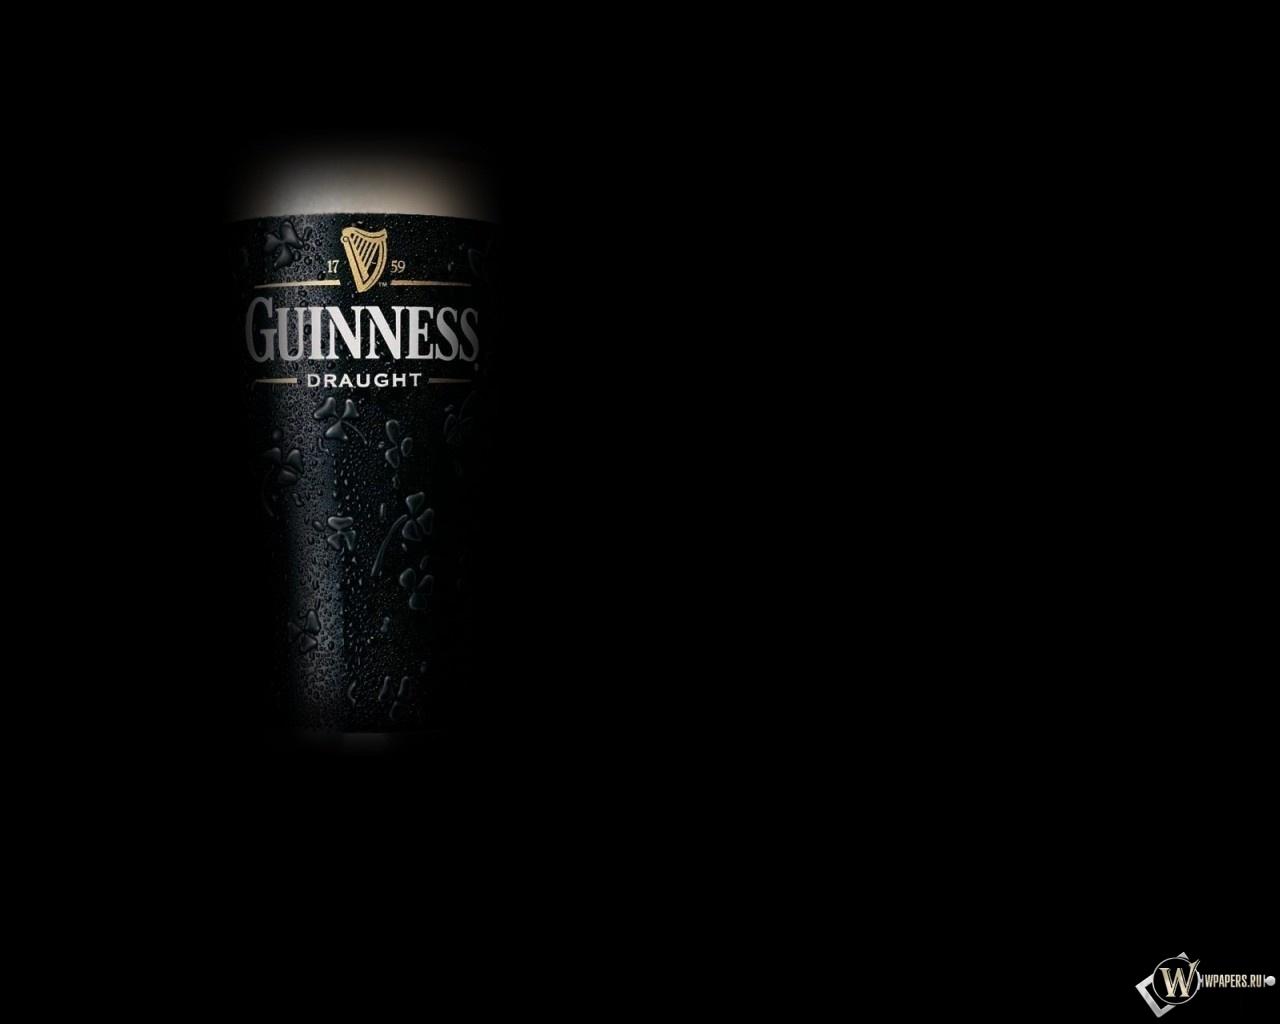 Обои пиво guinness алкоголь пиво чёрный